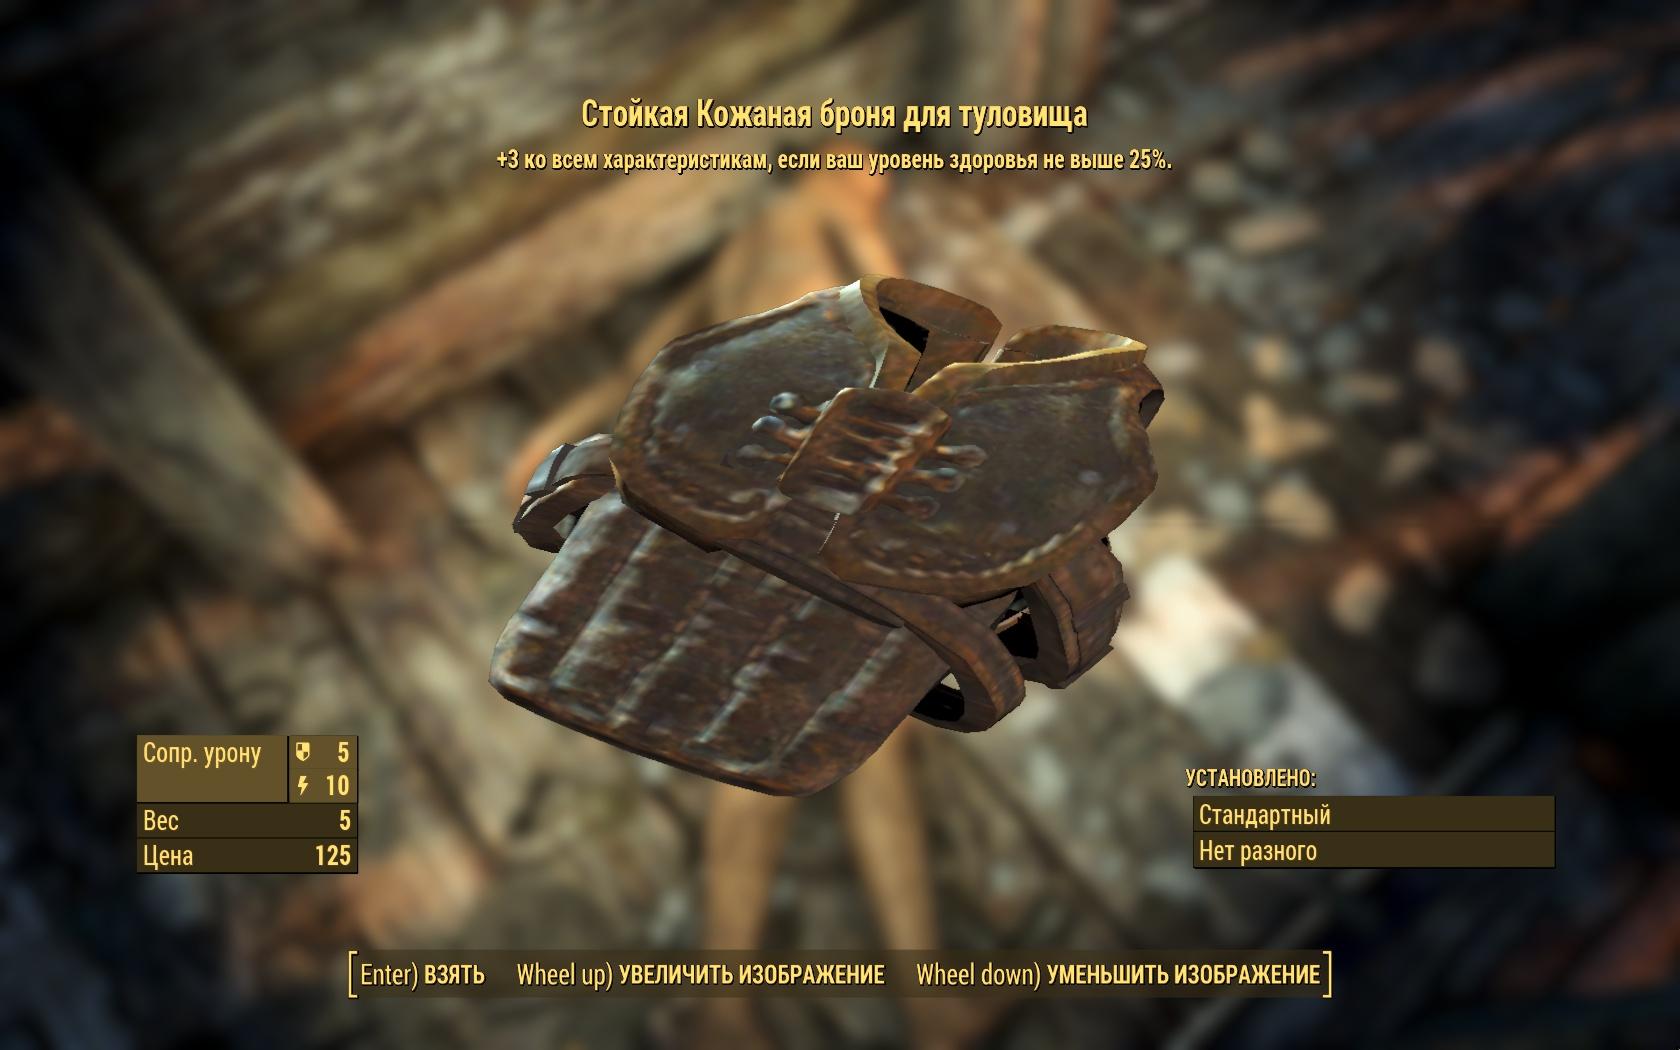 Стойкая кожаная броня для туловища - Fallout 4 броня, кожаная, Одежда, Стойкая